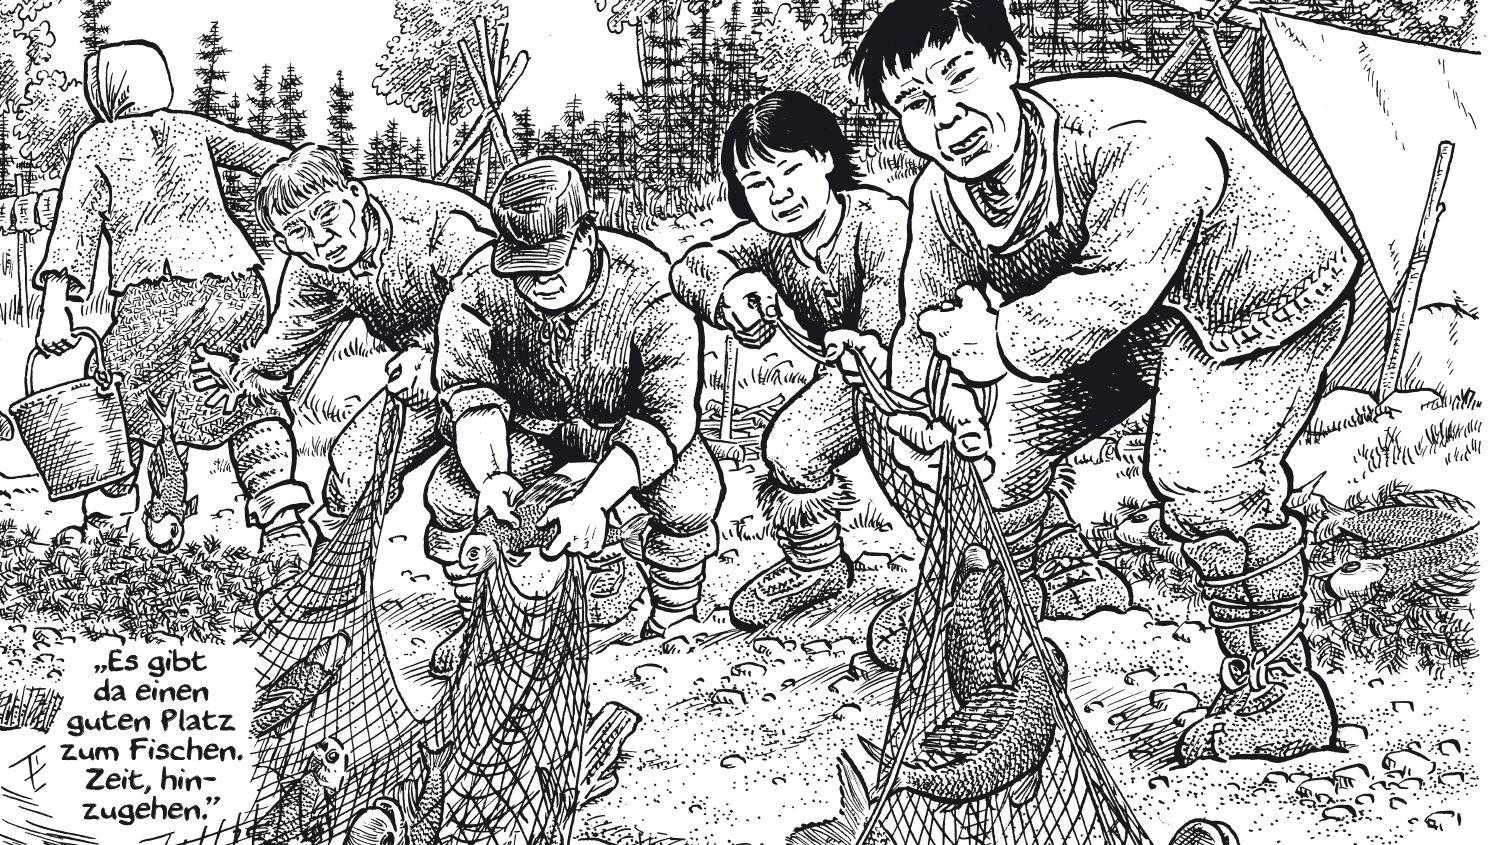 """Ausschnitt aus einer Seite aus Joe Saccos Comic-Reportage """"Wir gehören dem Land"""" über die Dene in den kanadischen Nord-West-Territorien. Ursprünglich waren die Indigenen Nomaden und ernährten sich unter anderem vom Fischfang."""